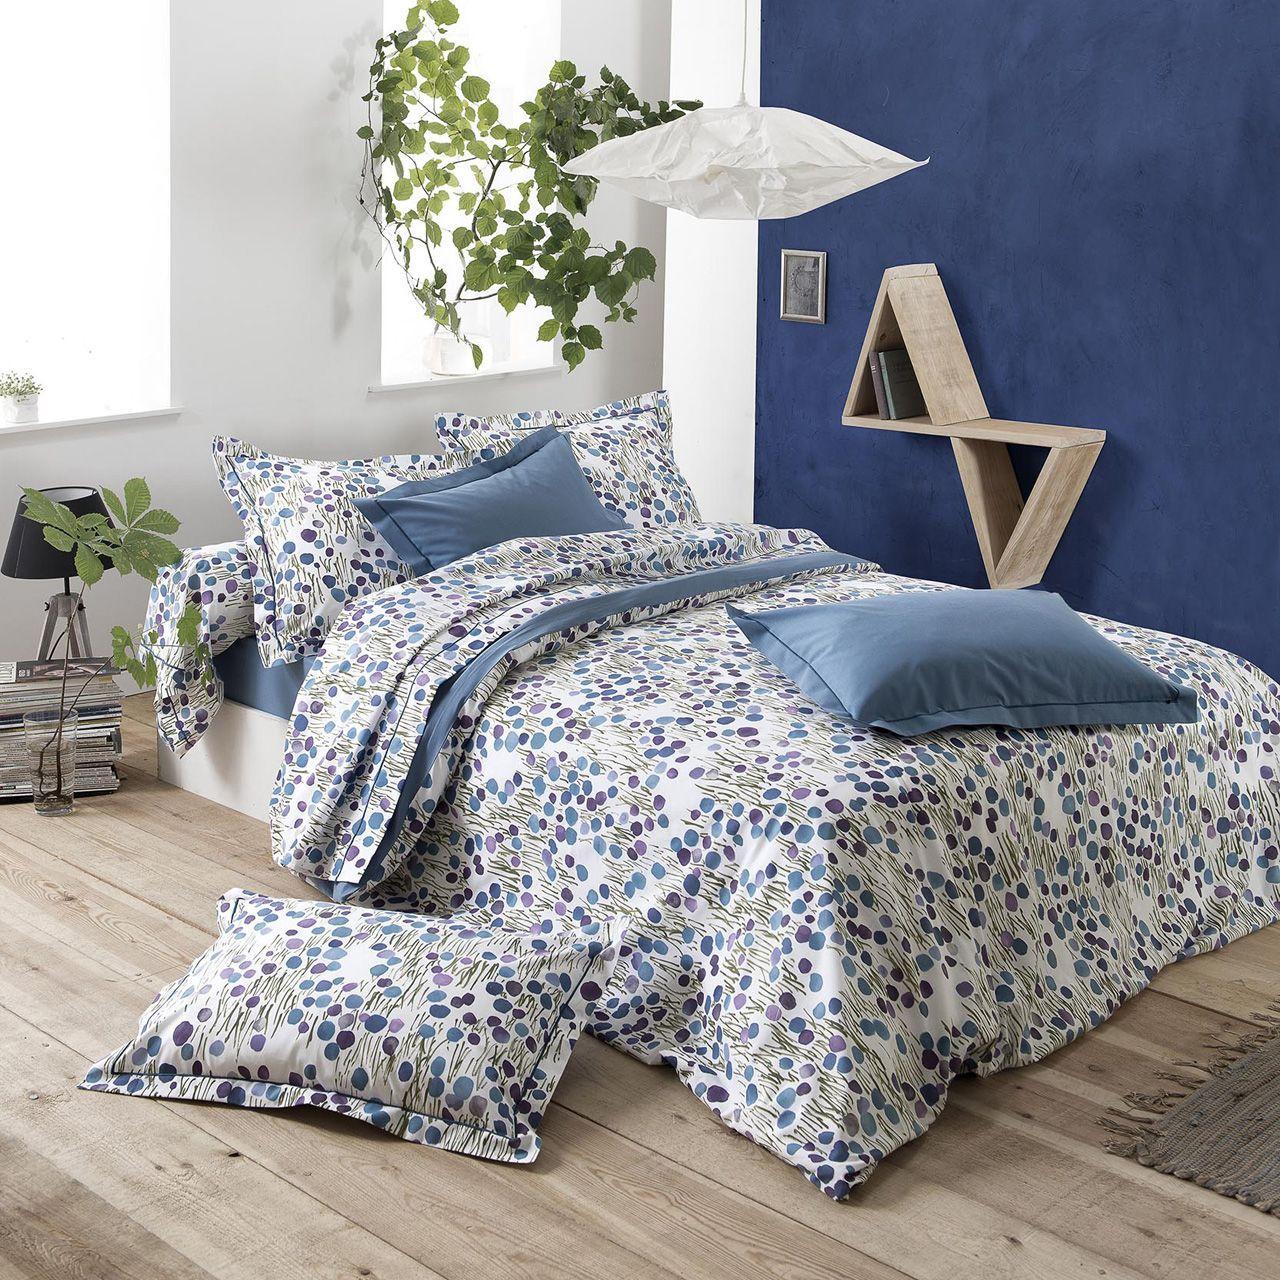 housse de couette bagatelle encre motifs fleurs coton 140x200. Black Bedroom Furniture Sets. Home Design Ideas